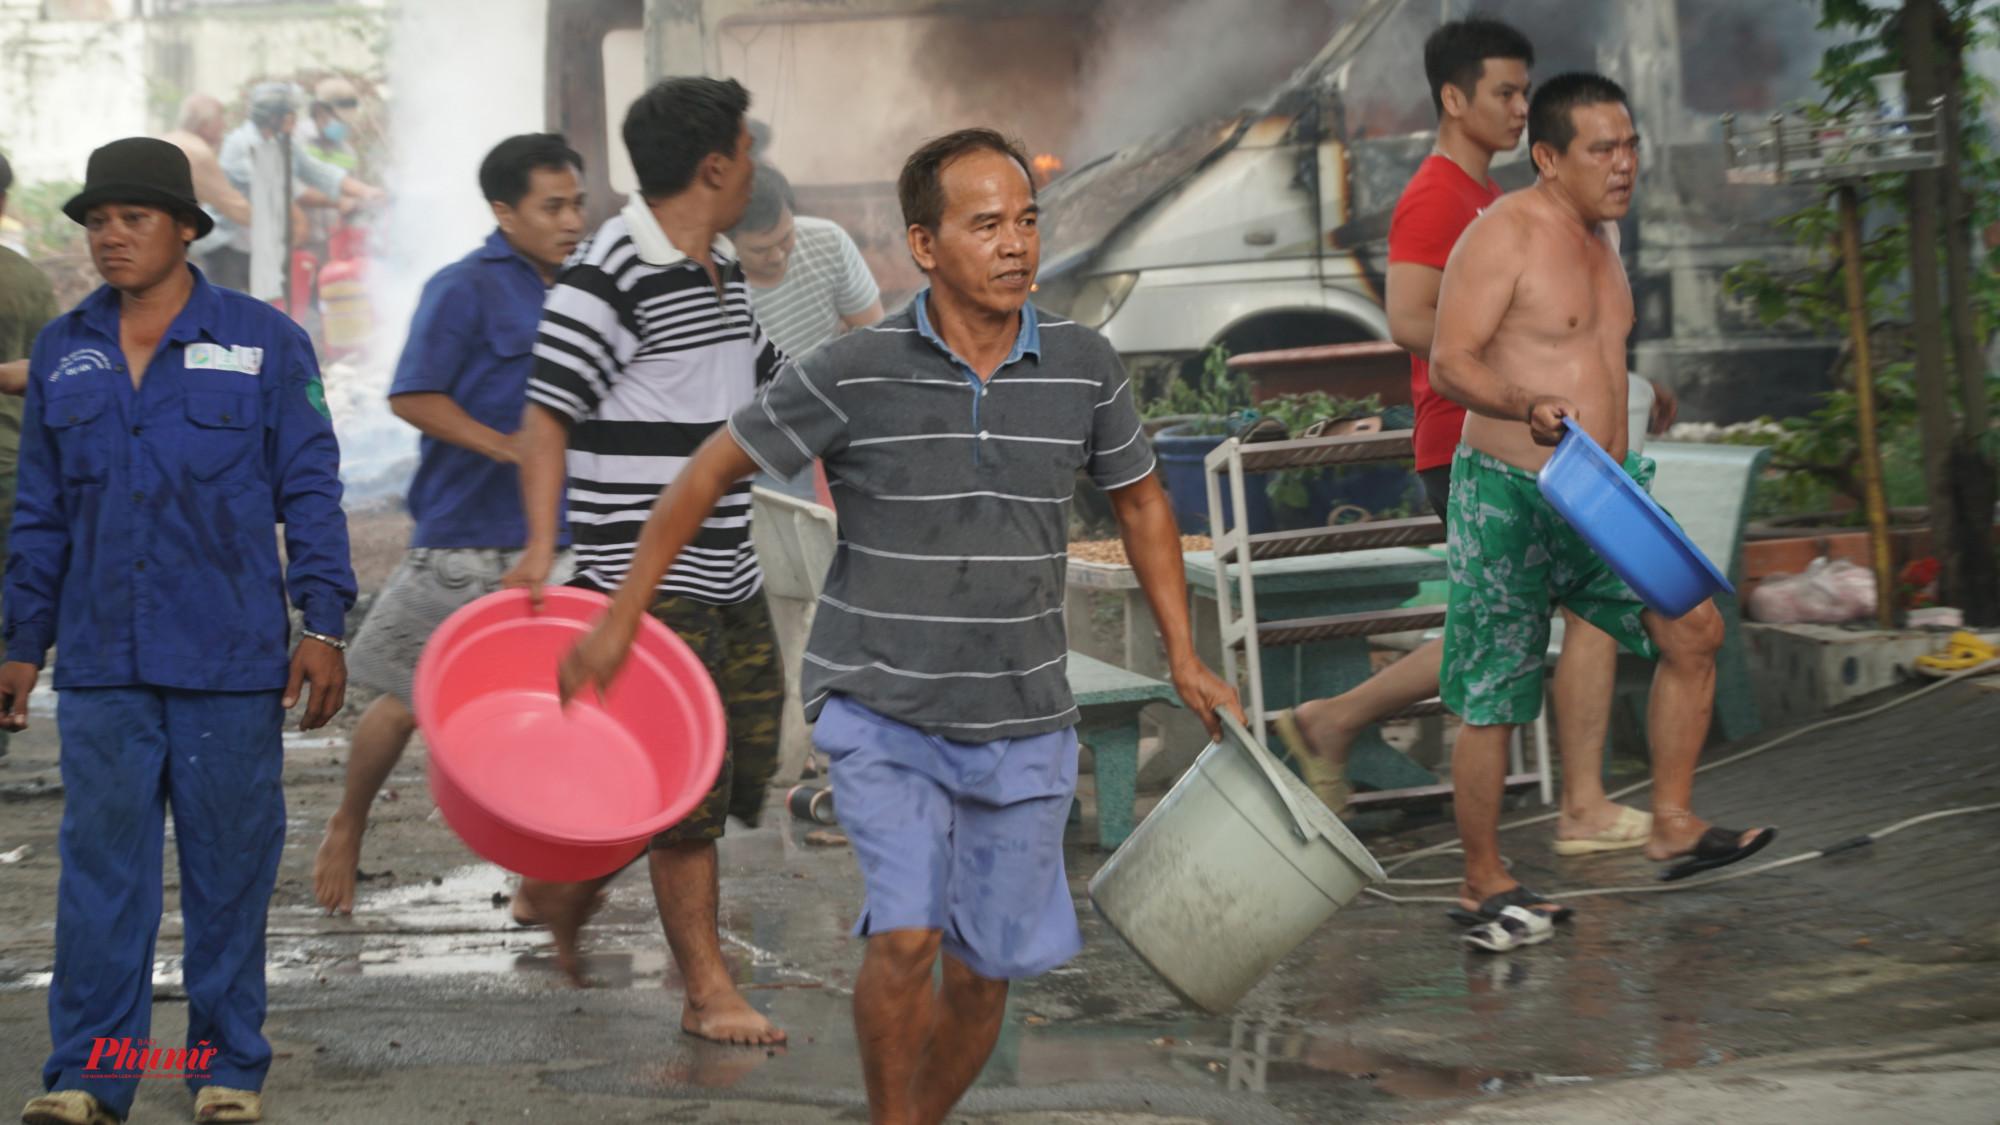 Mọi người đem thau, chậu hứng nước dập lửa